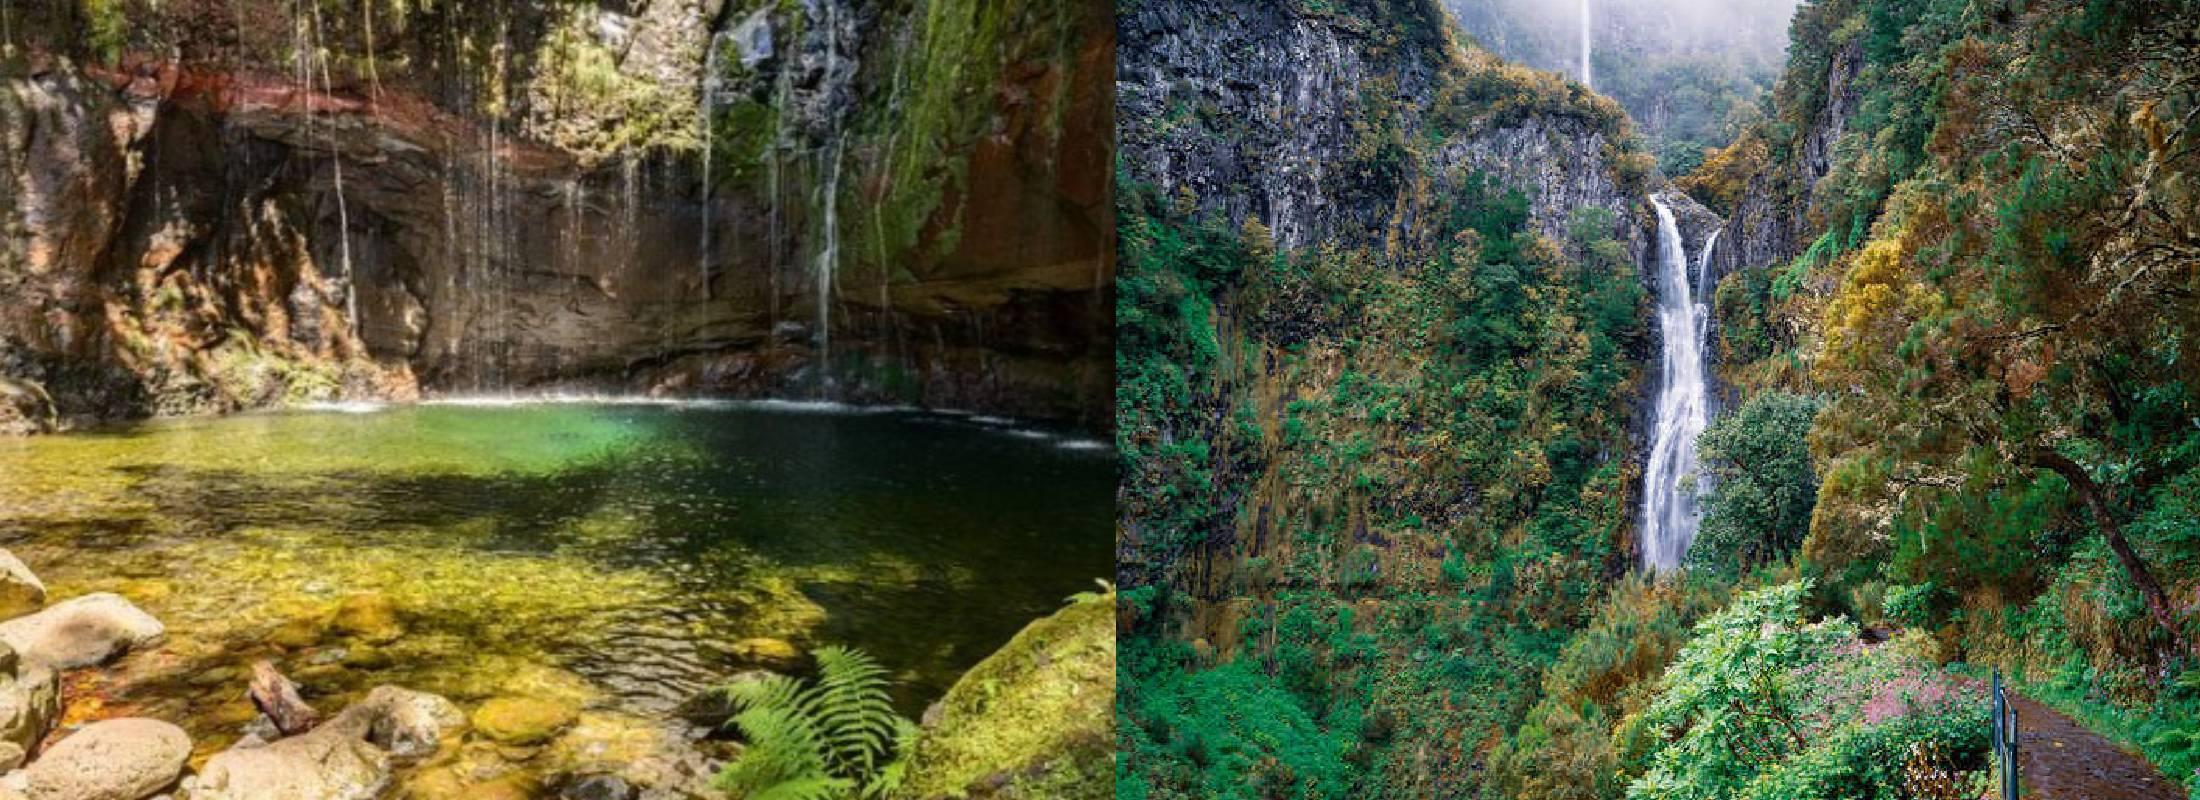 Madeira, Rabacal rutas de senderismo